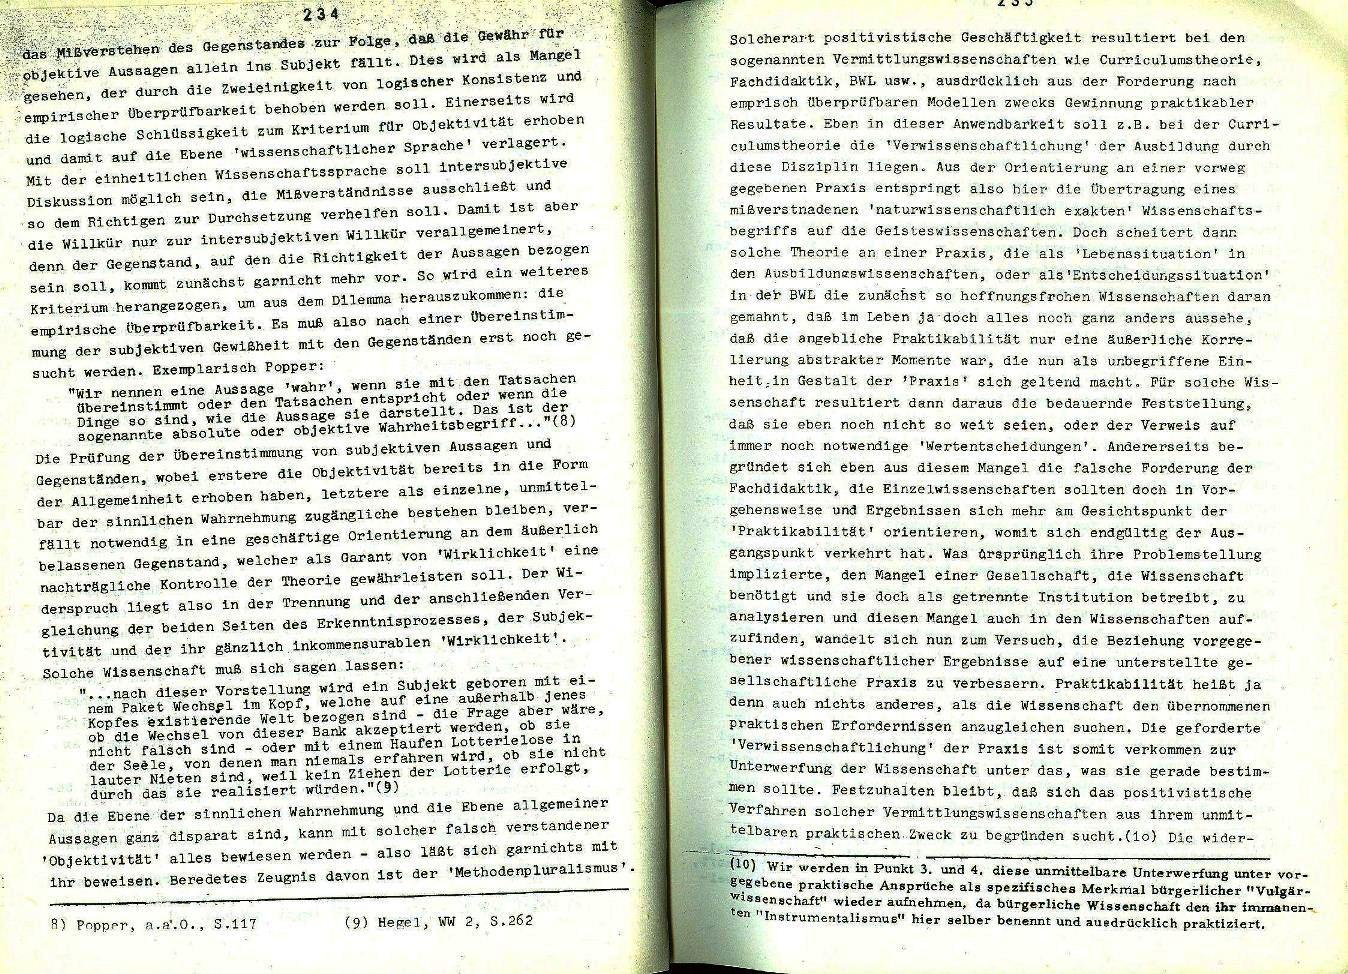 Muenchen_AK_Sozialistisches_Studium122